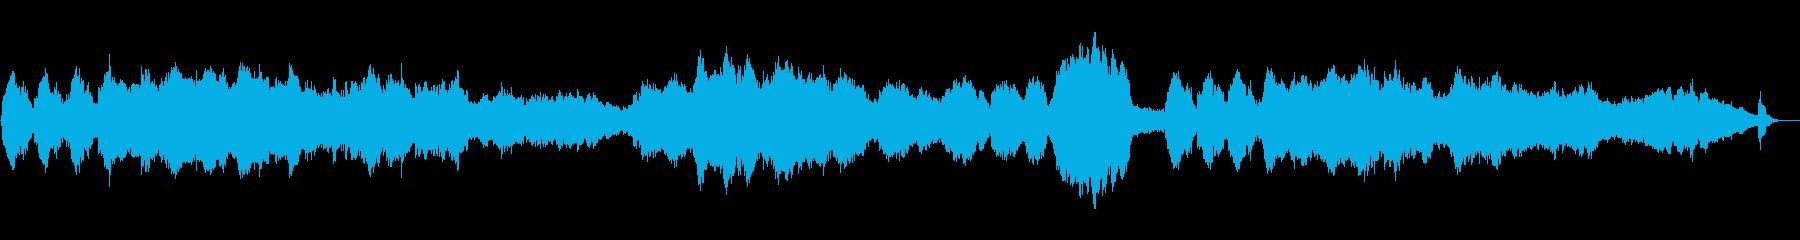 もの悲しいストリングスの再生済みの波形